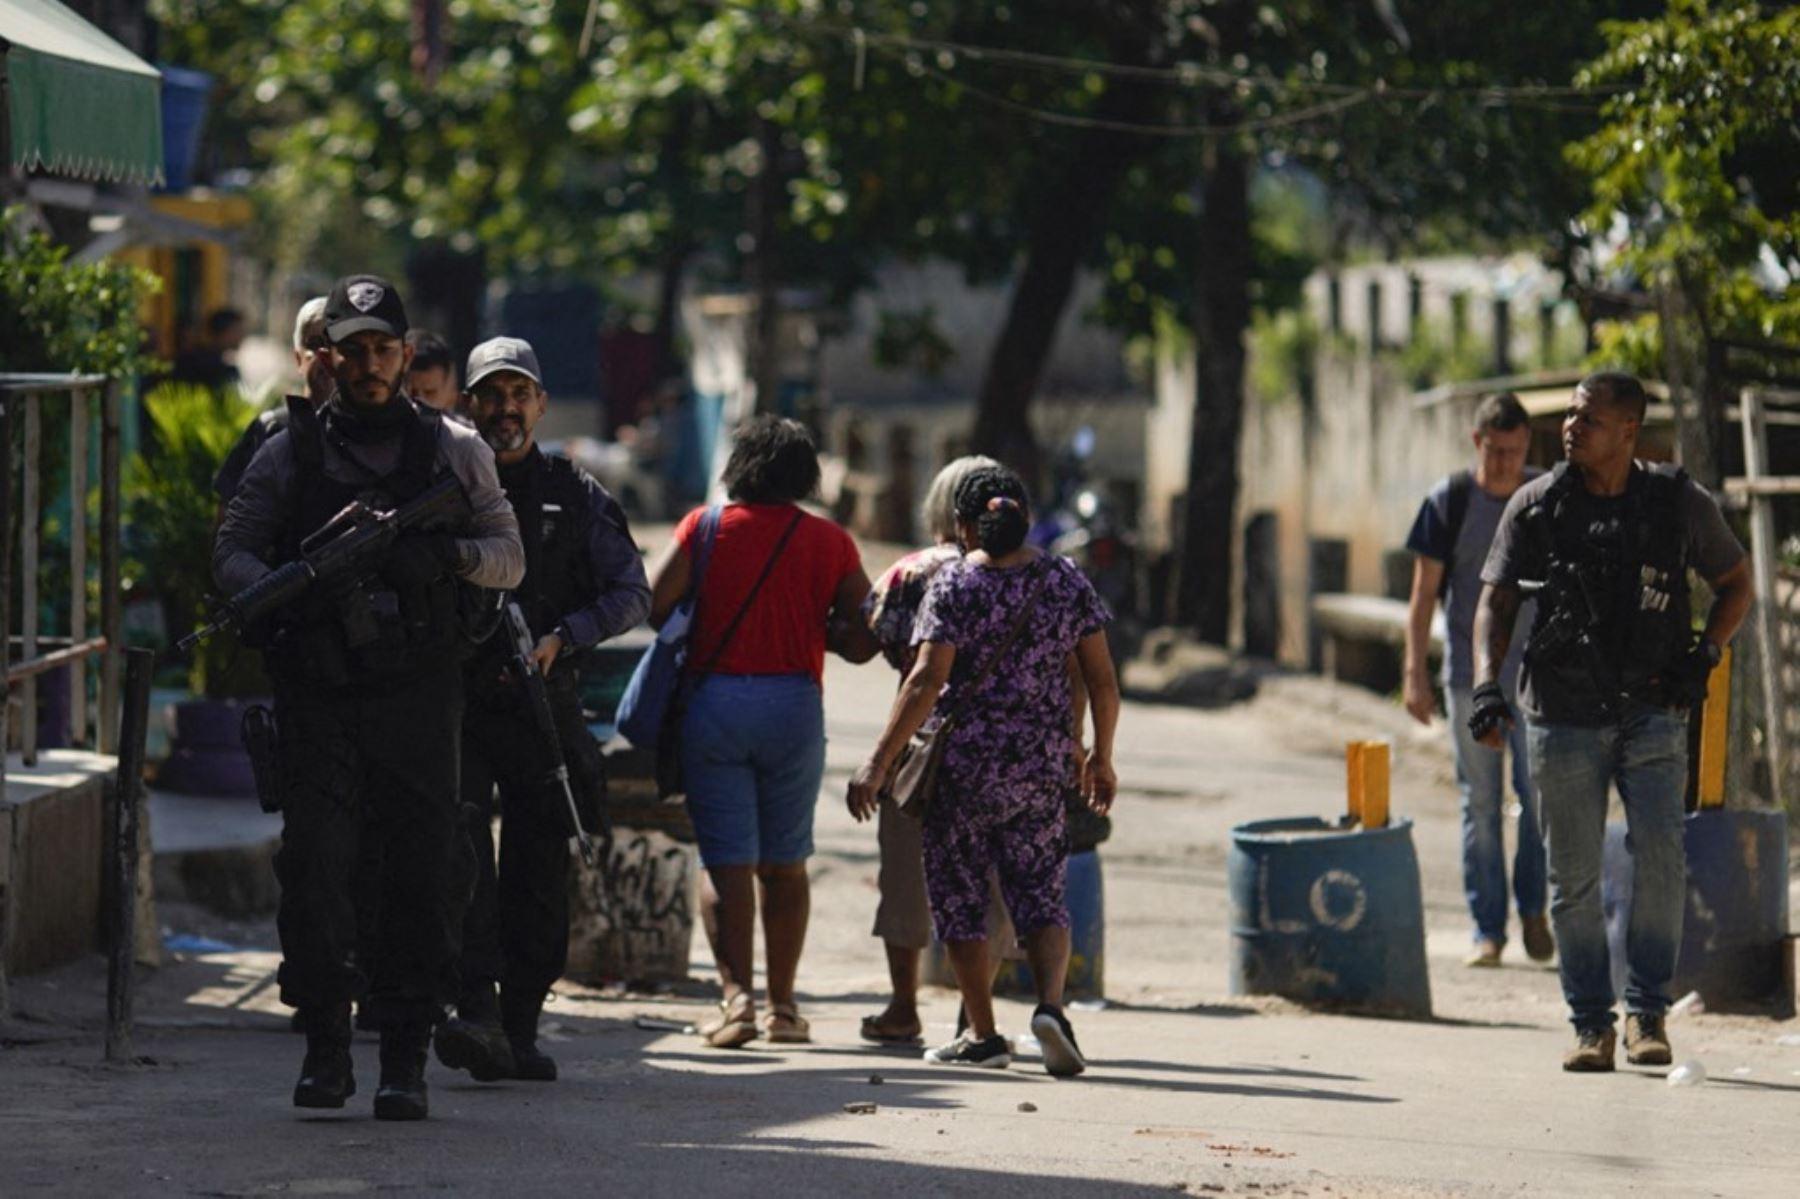 Agentes de la Policía Civil de Río son vistos durante un operativo policial contra narcotraficantes en la favela Jacarezinho en el estado de Río de Janeiro, Brasil, el 6 de mayo de 2021. Foto: AFP